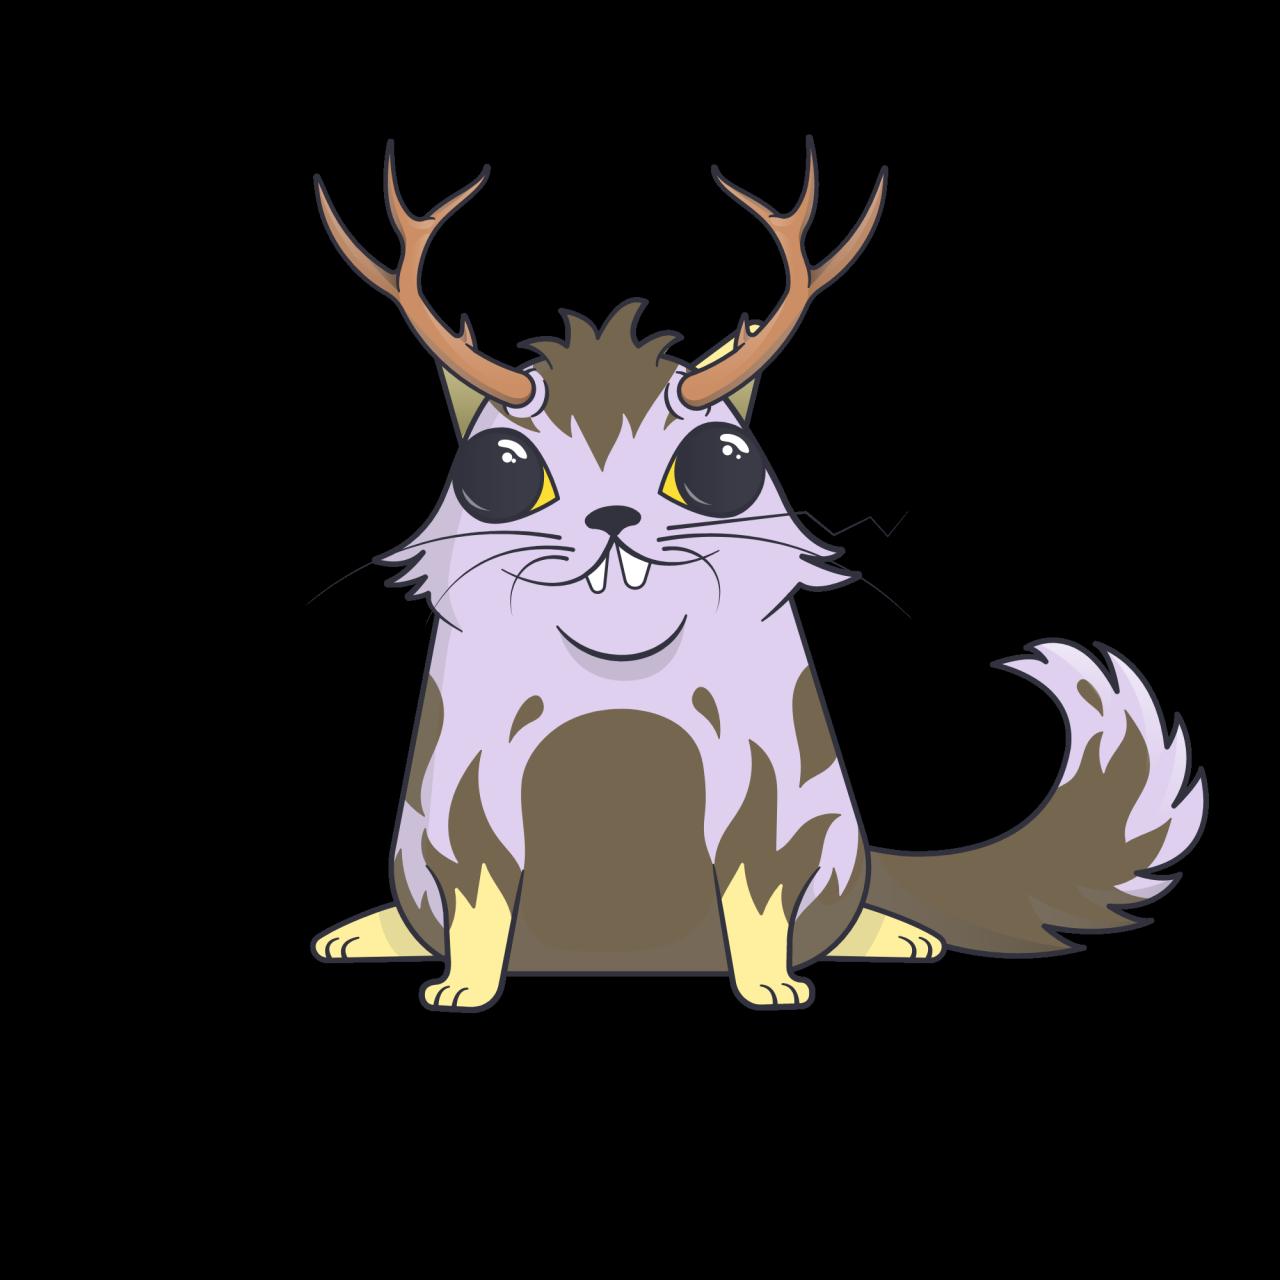 Kryptokunst: Eine illustrierte, bunte Katze.